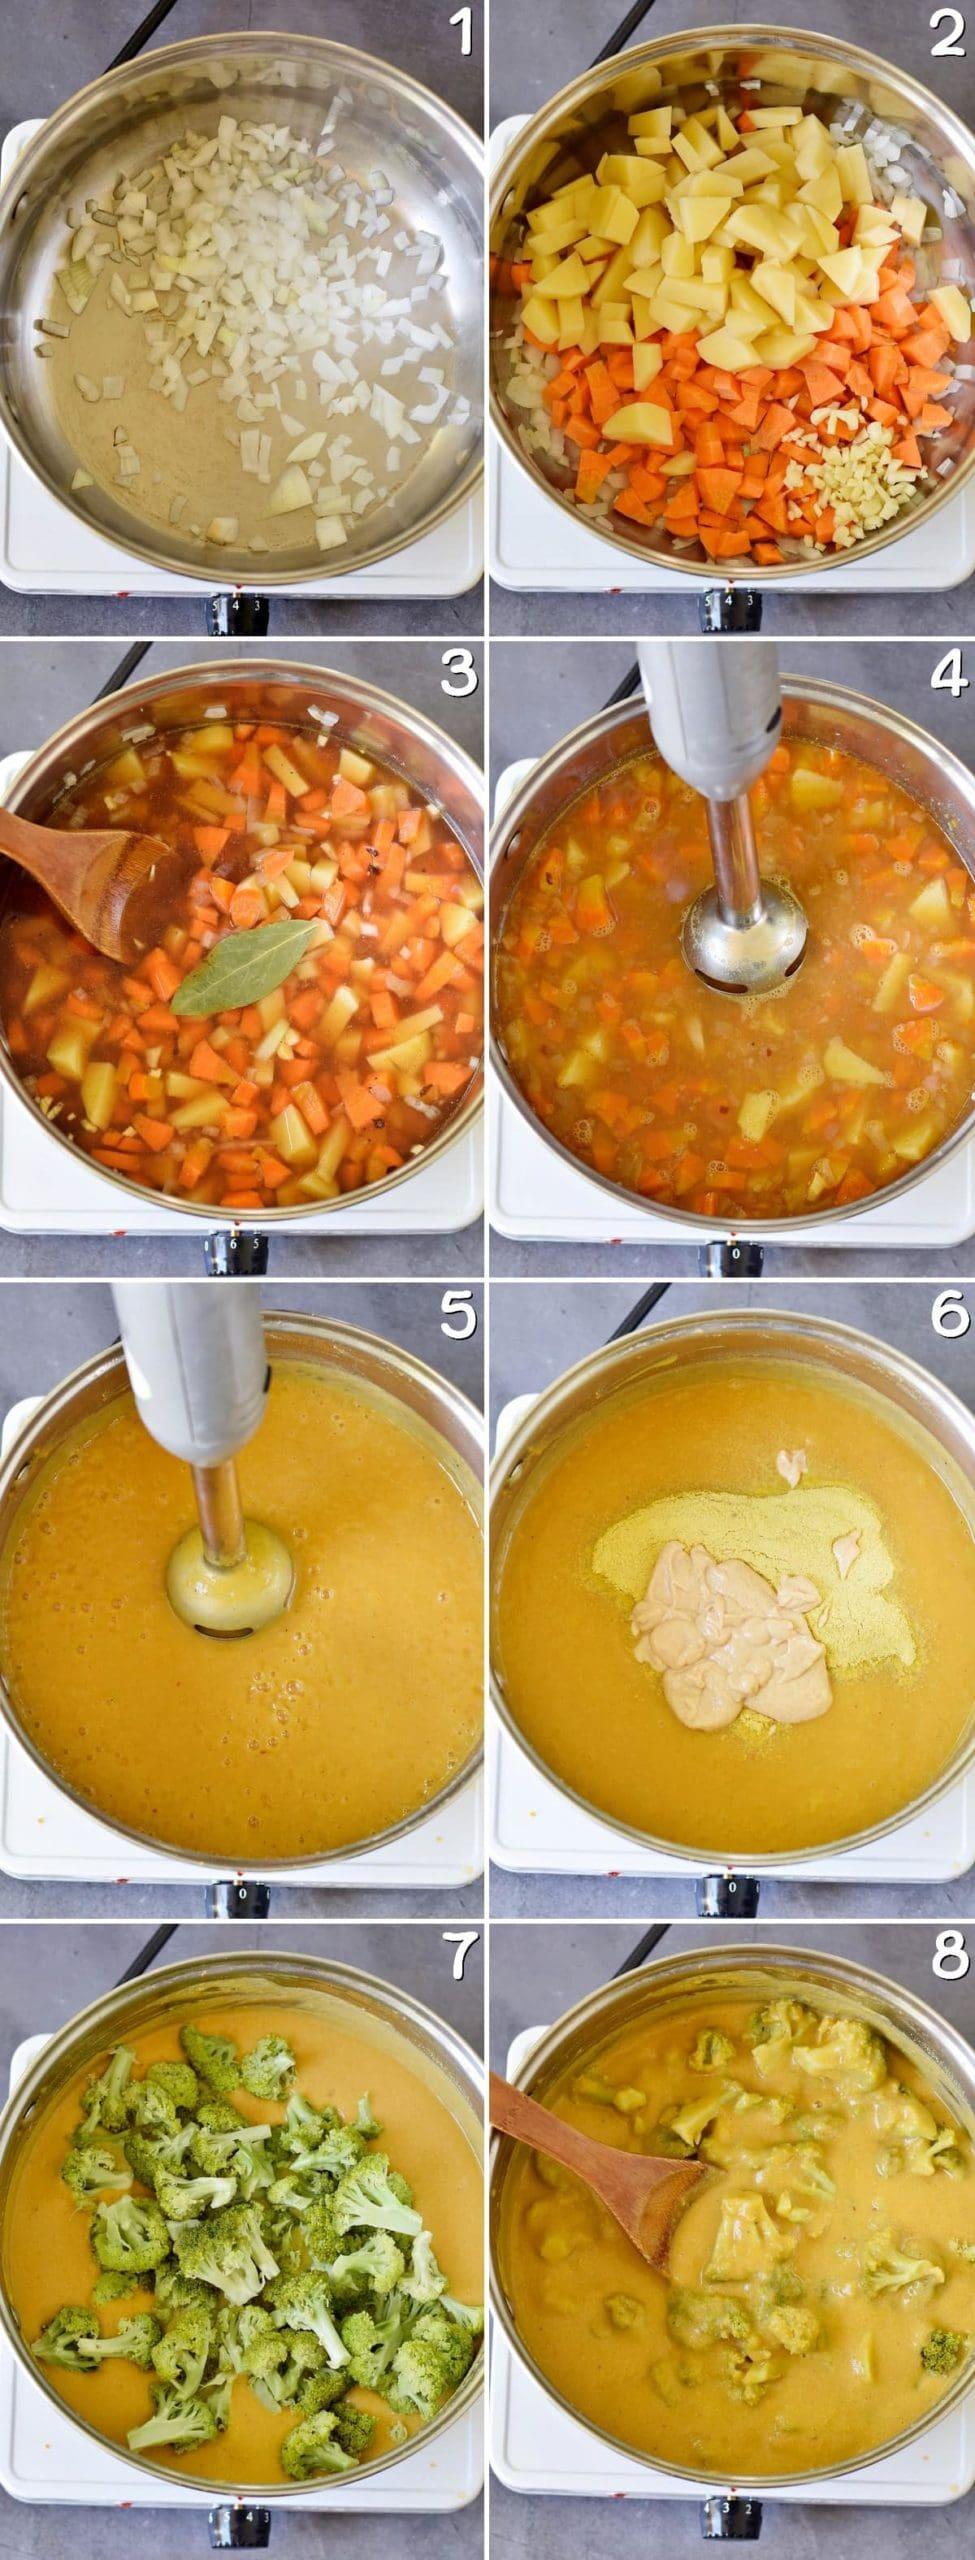 8 Schritt-Für-Schritt Fotos von der Herstellung einer veganen Käse-Brokkolisuppe